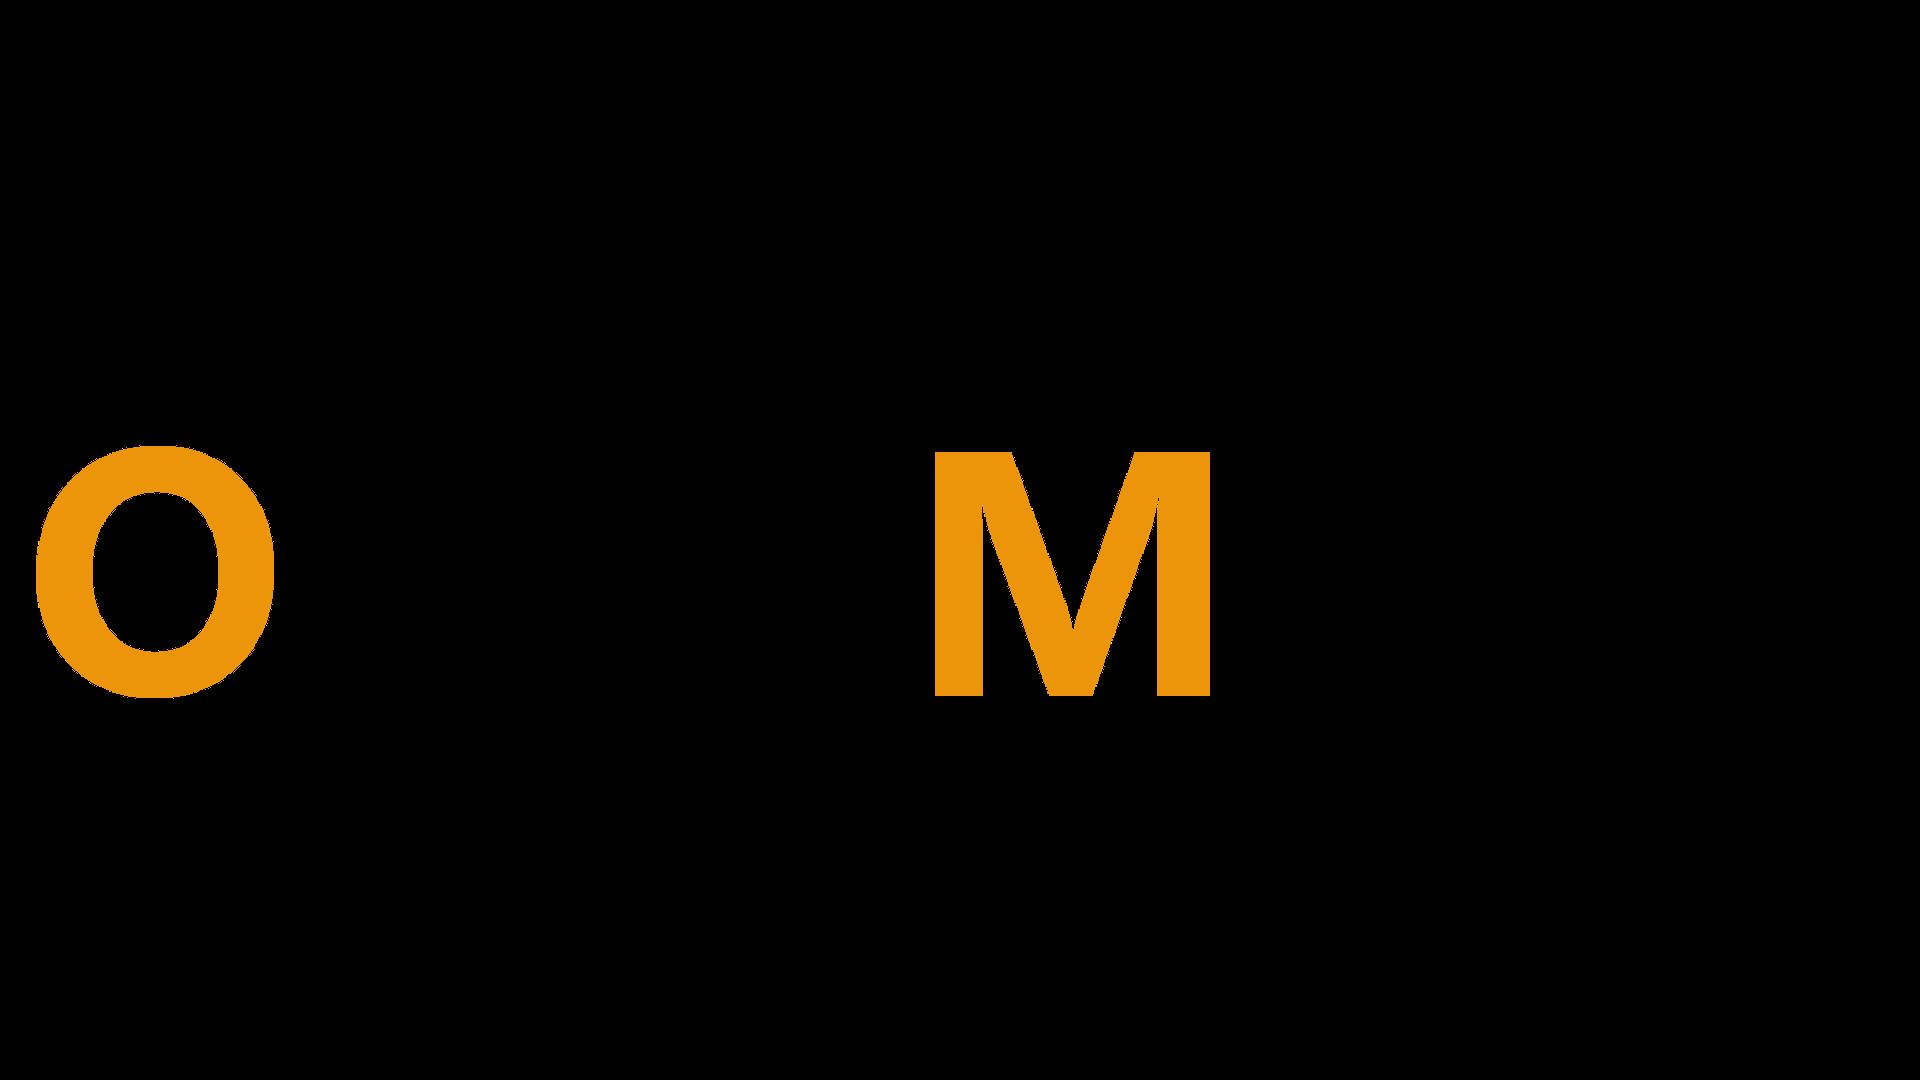 Obro Media